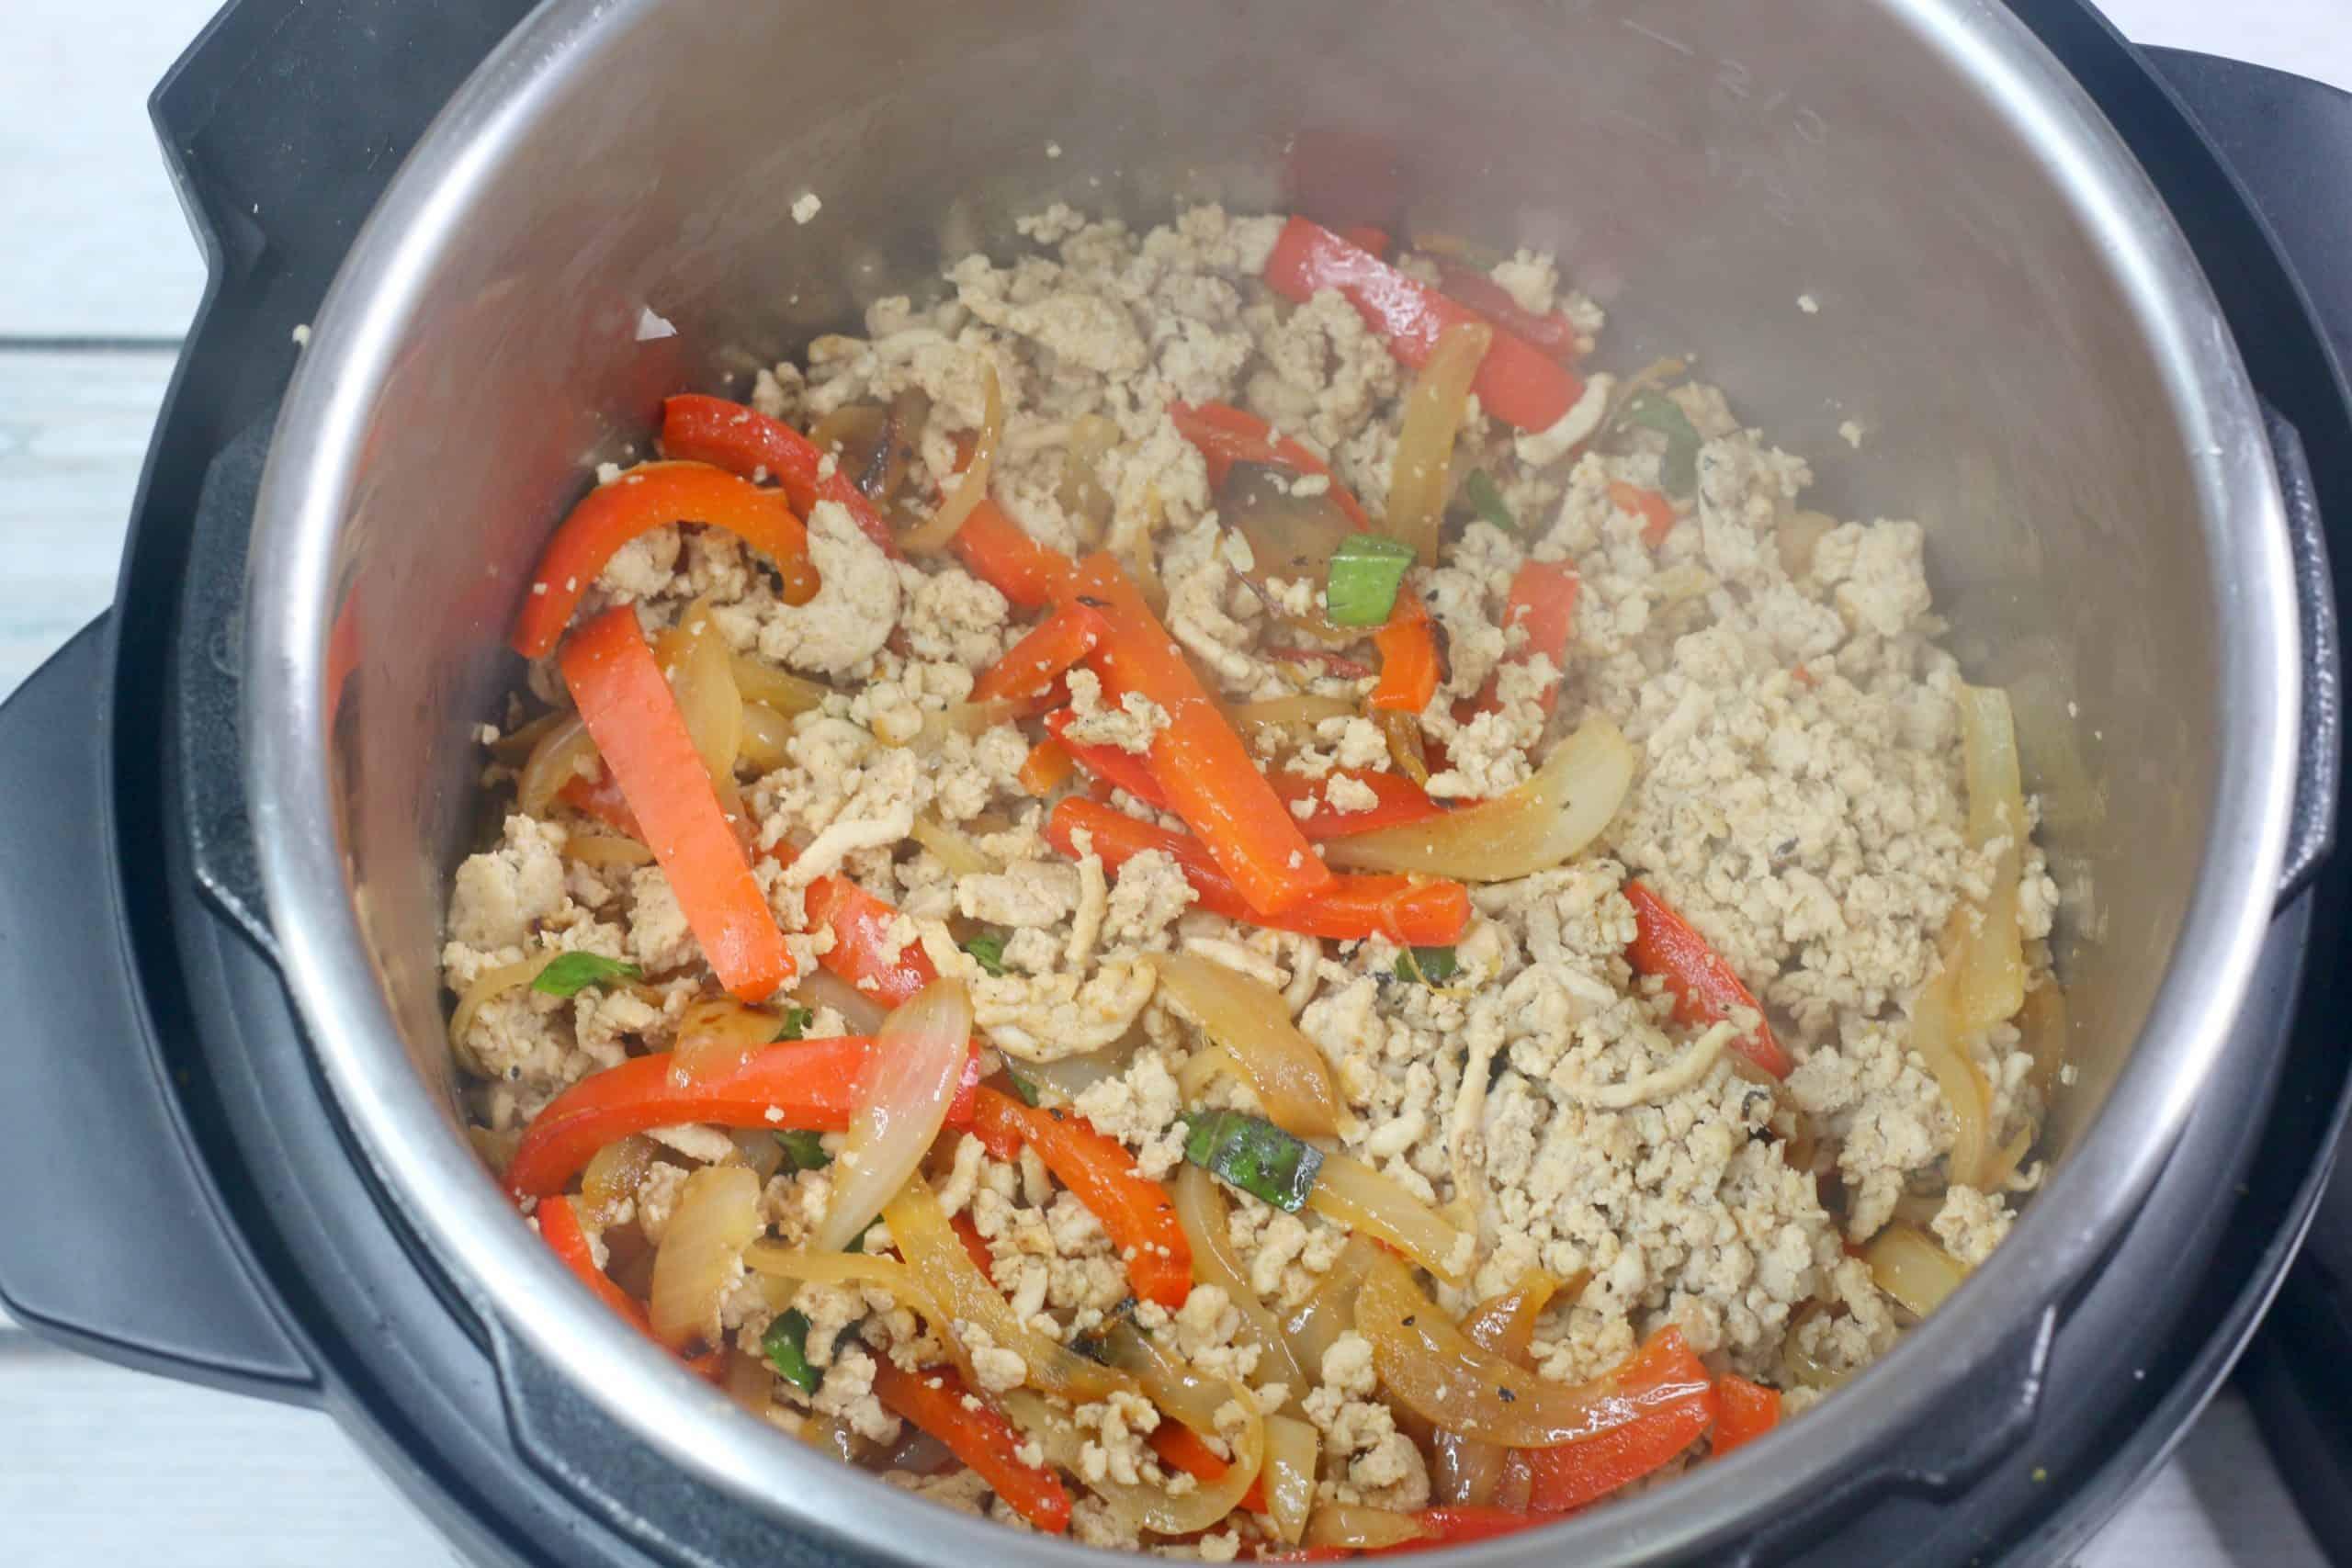 Thai Chicken Stir Fry in Instant Pot